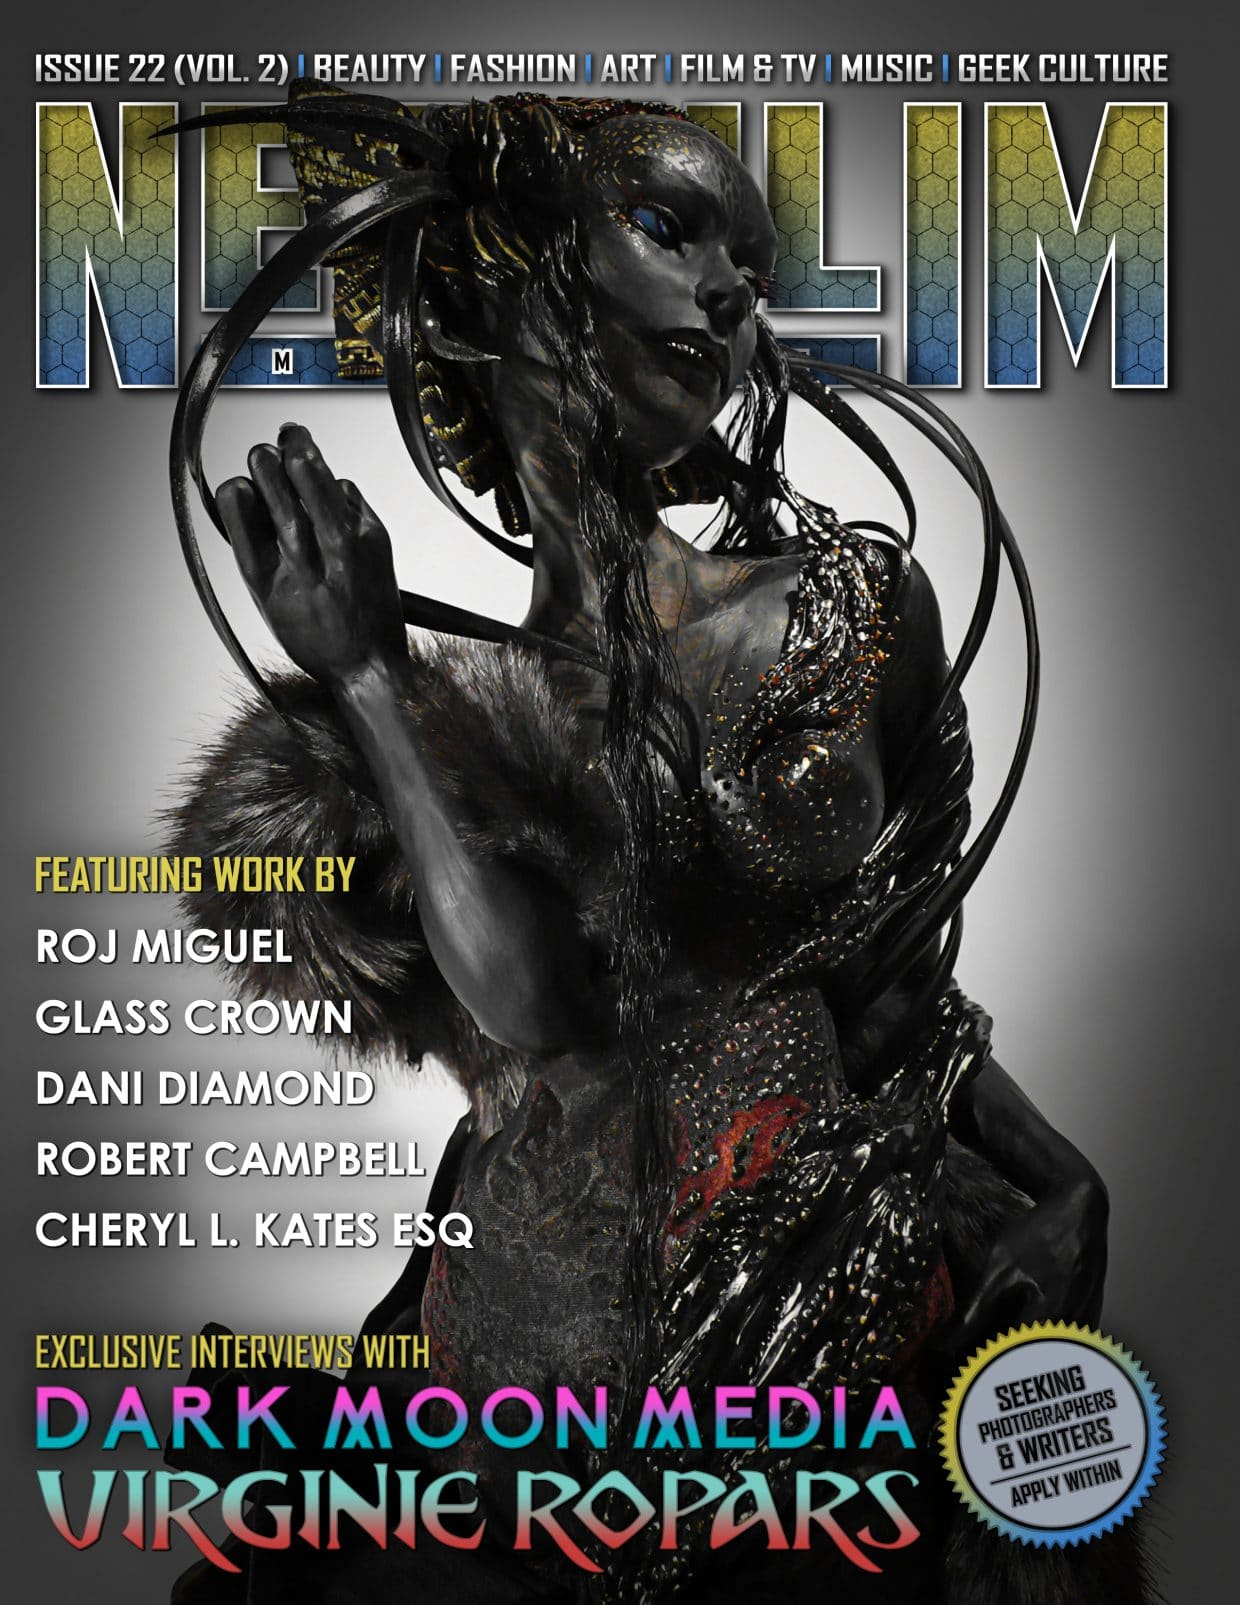 Nephilim Magazine - Issue 22 - Vol. 2 1